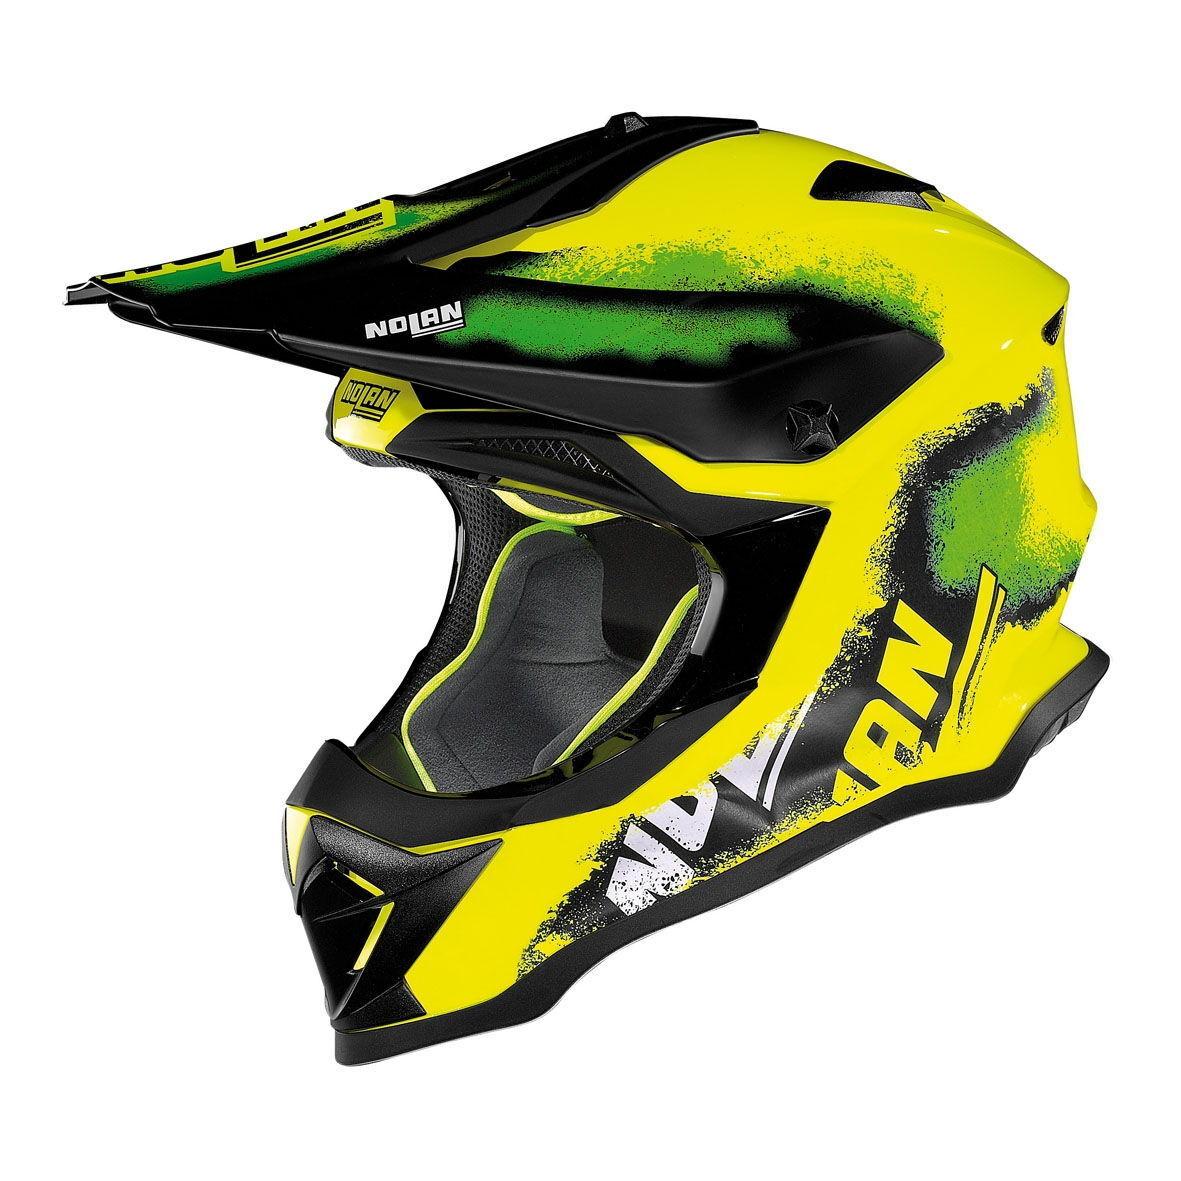 40% aus L Nolan N53 Faul Box Led Gelb Geländetauglich Motocross Mx Motorrad Helm